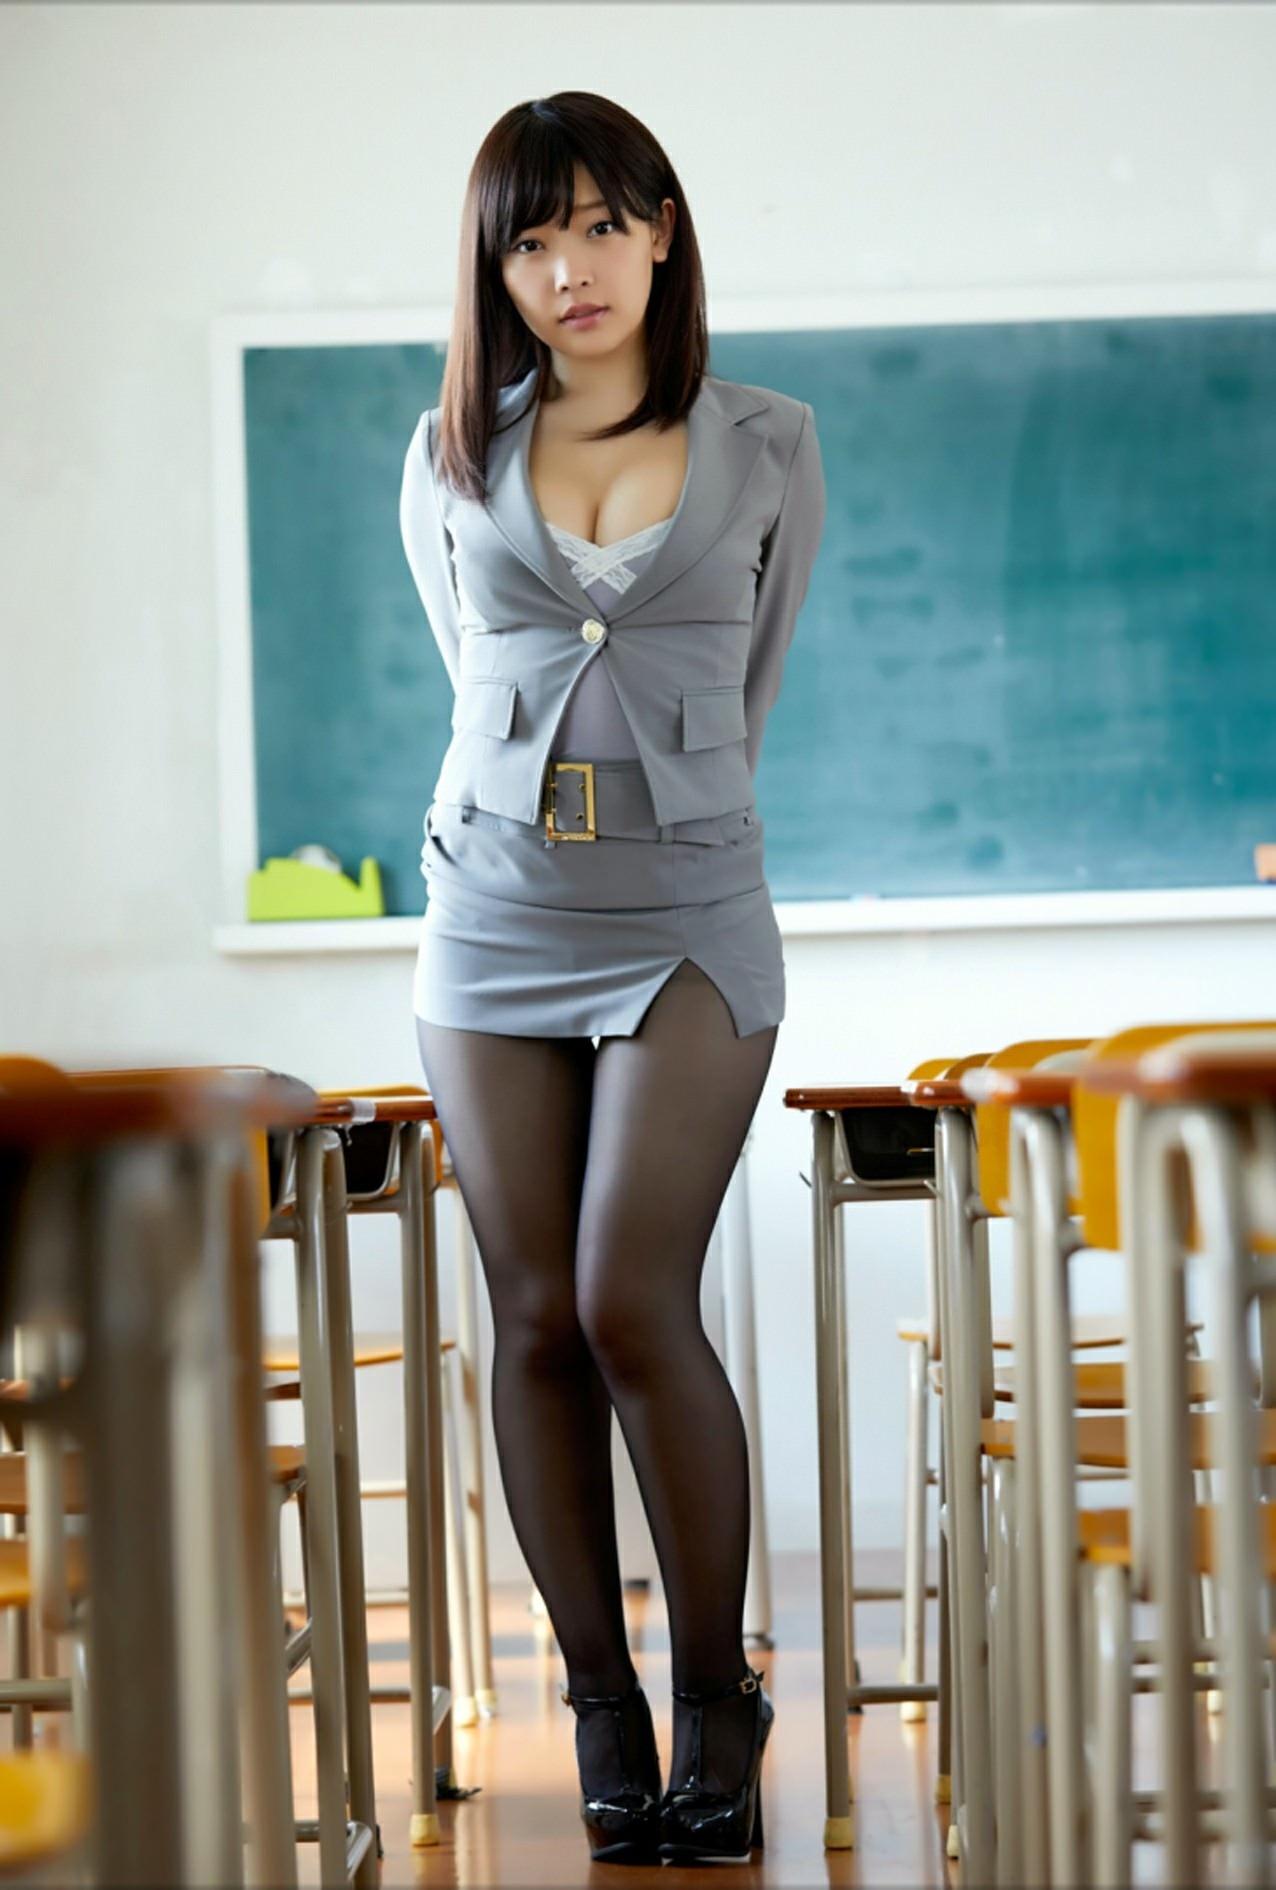 【画像】最近の女教師エッッッッ!!こんなんじゃ授業になんない・・・